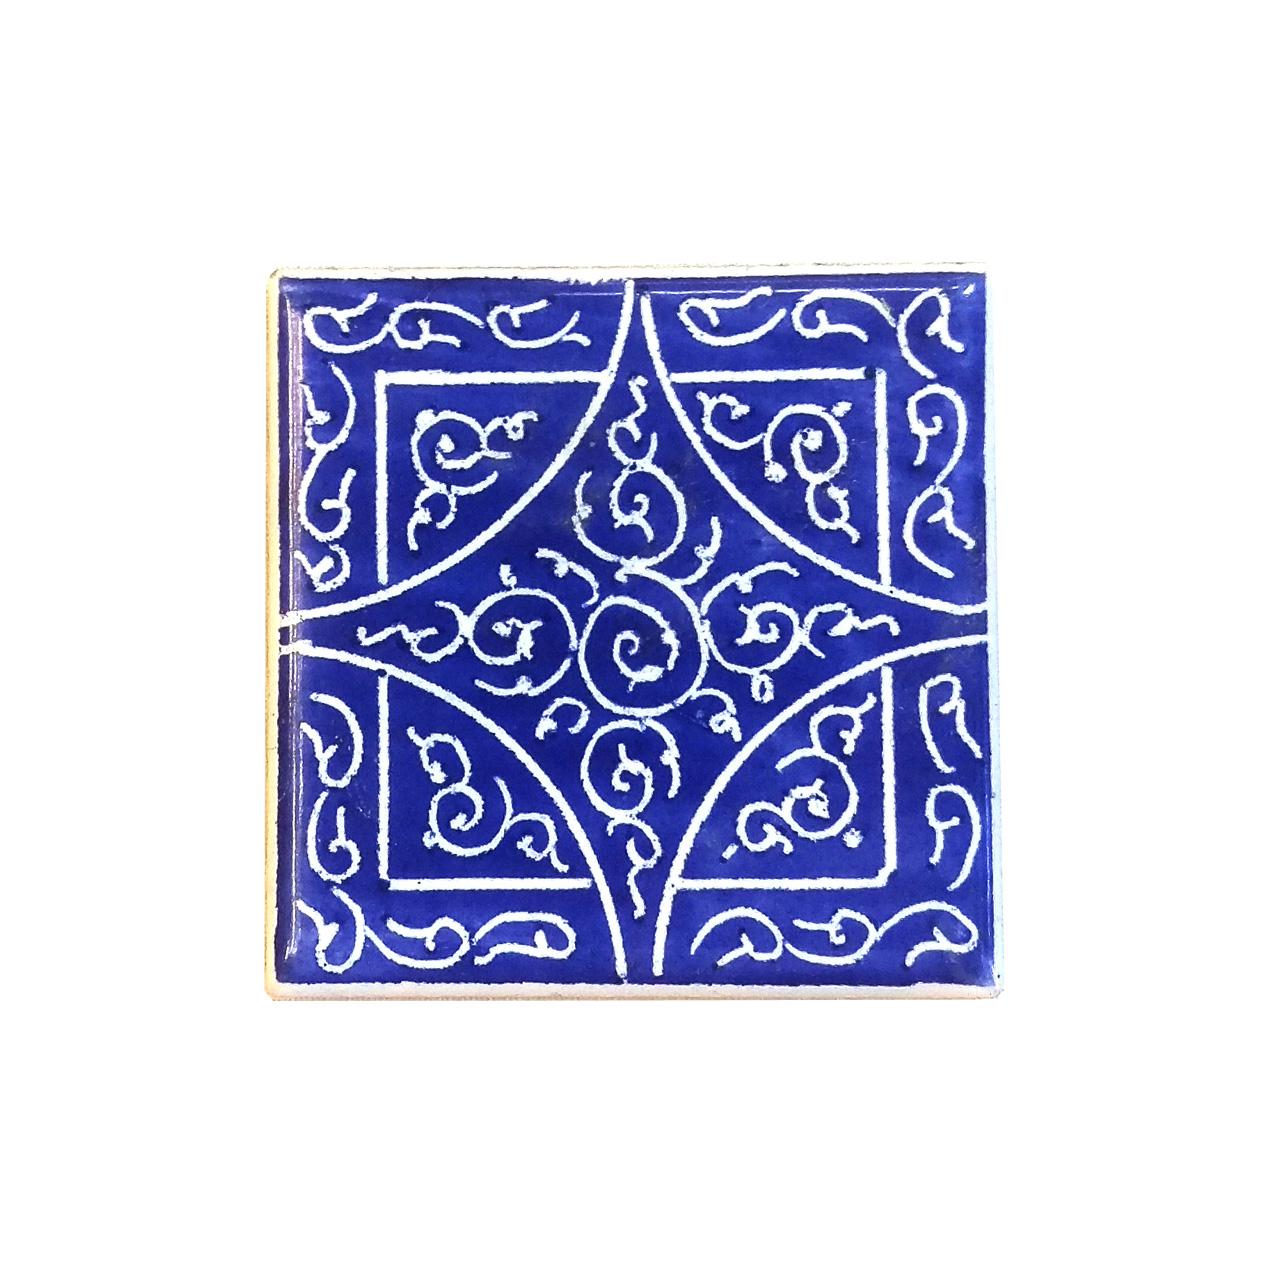 کاشی لعابدار لوح هنر کد 519